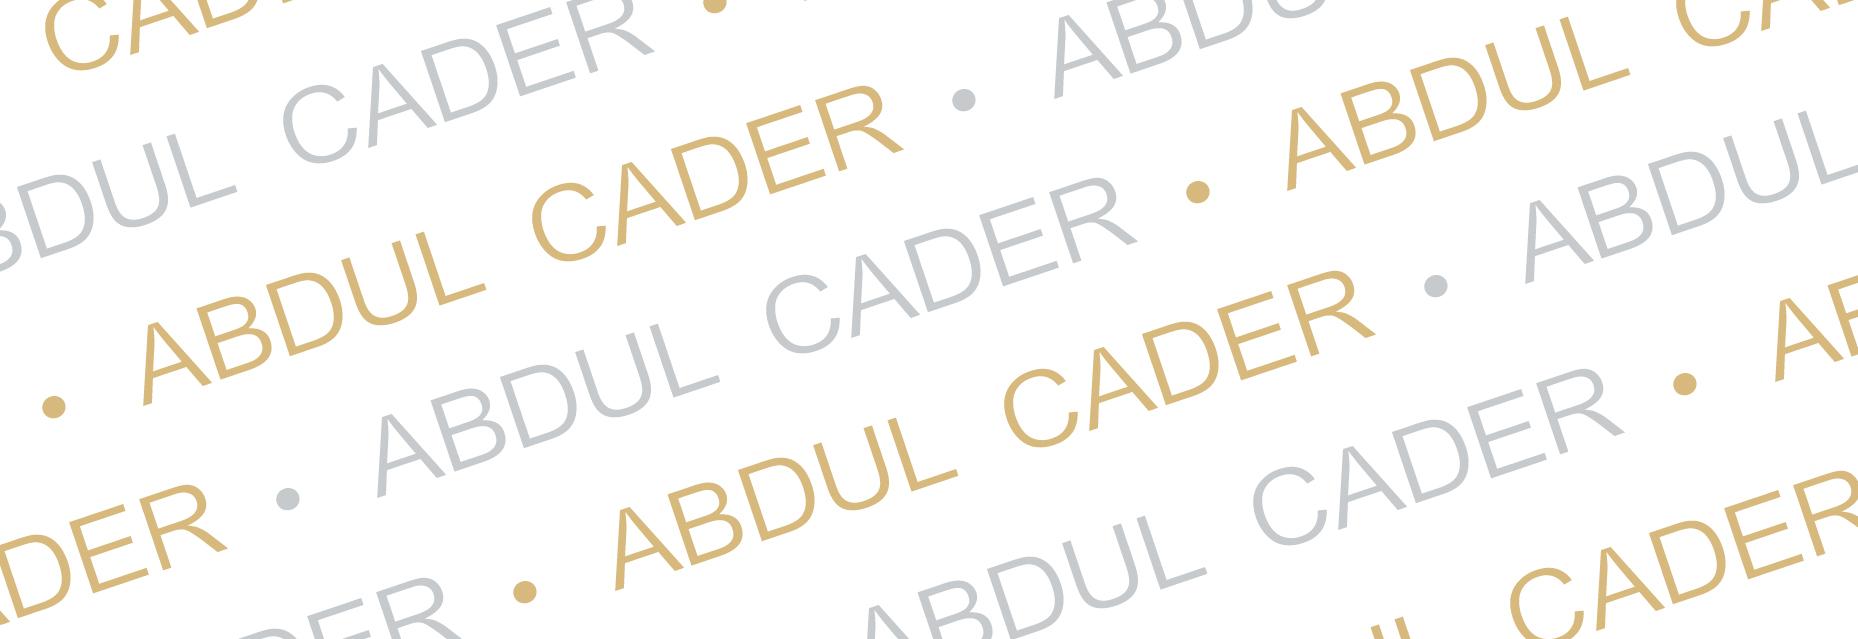 Abdul Cader's Signature